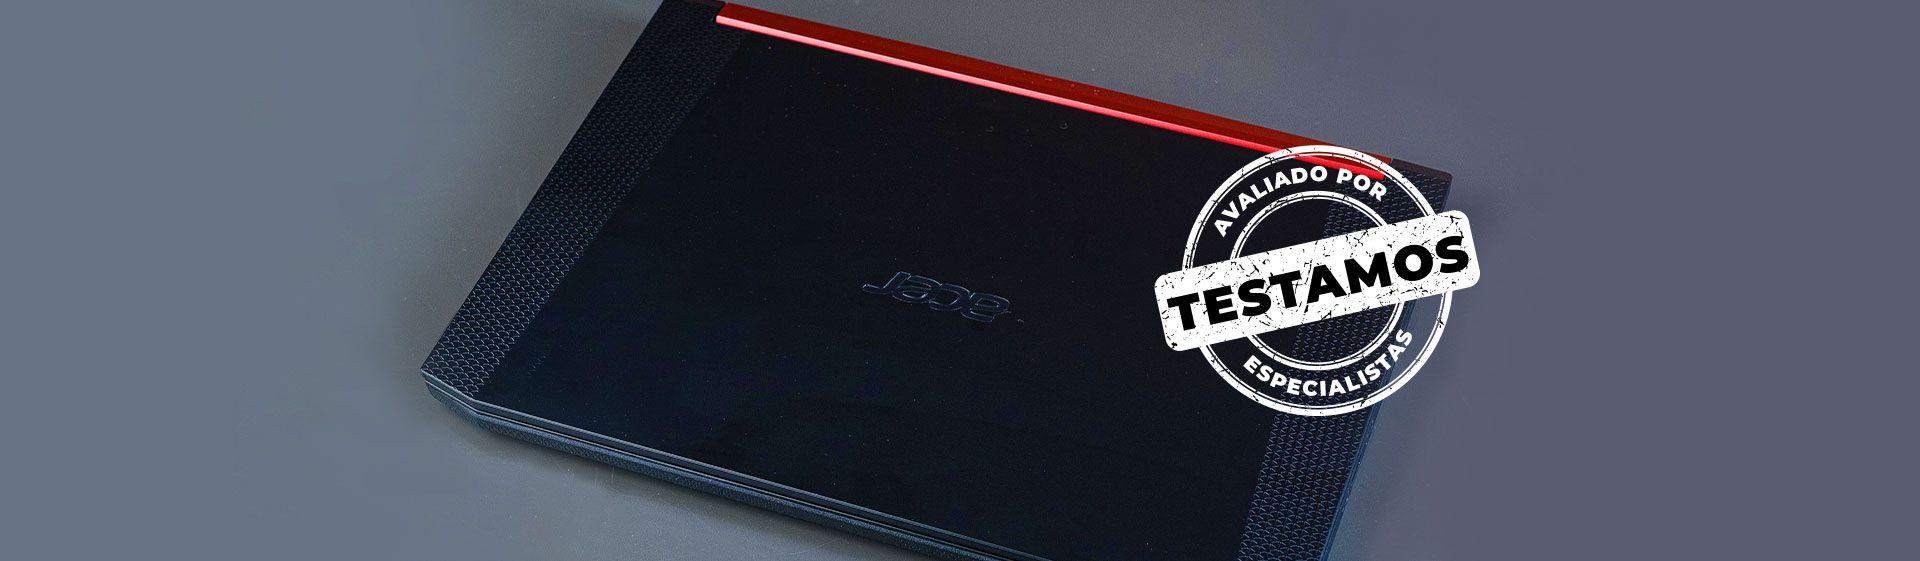 Notebook Acer Aspire Nitro 5 fechado em cima da mesa